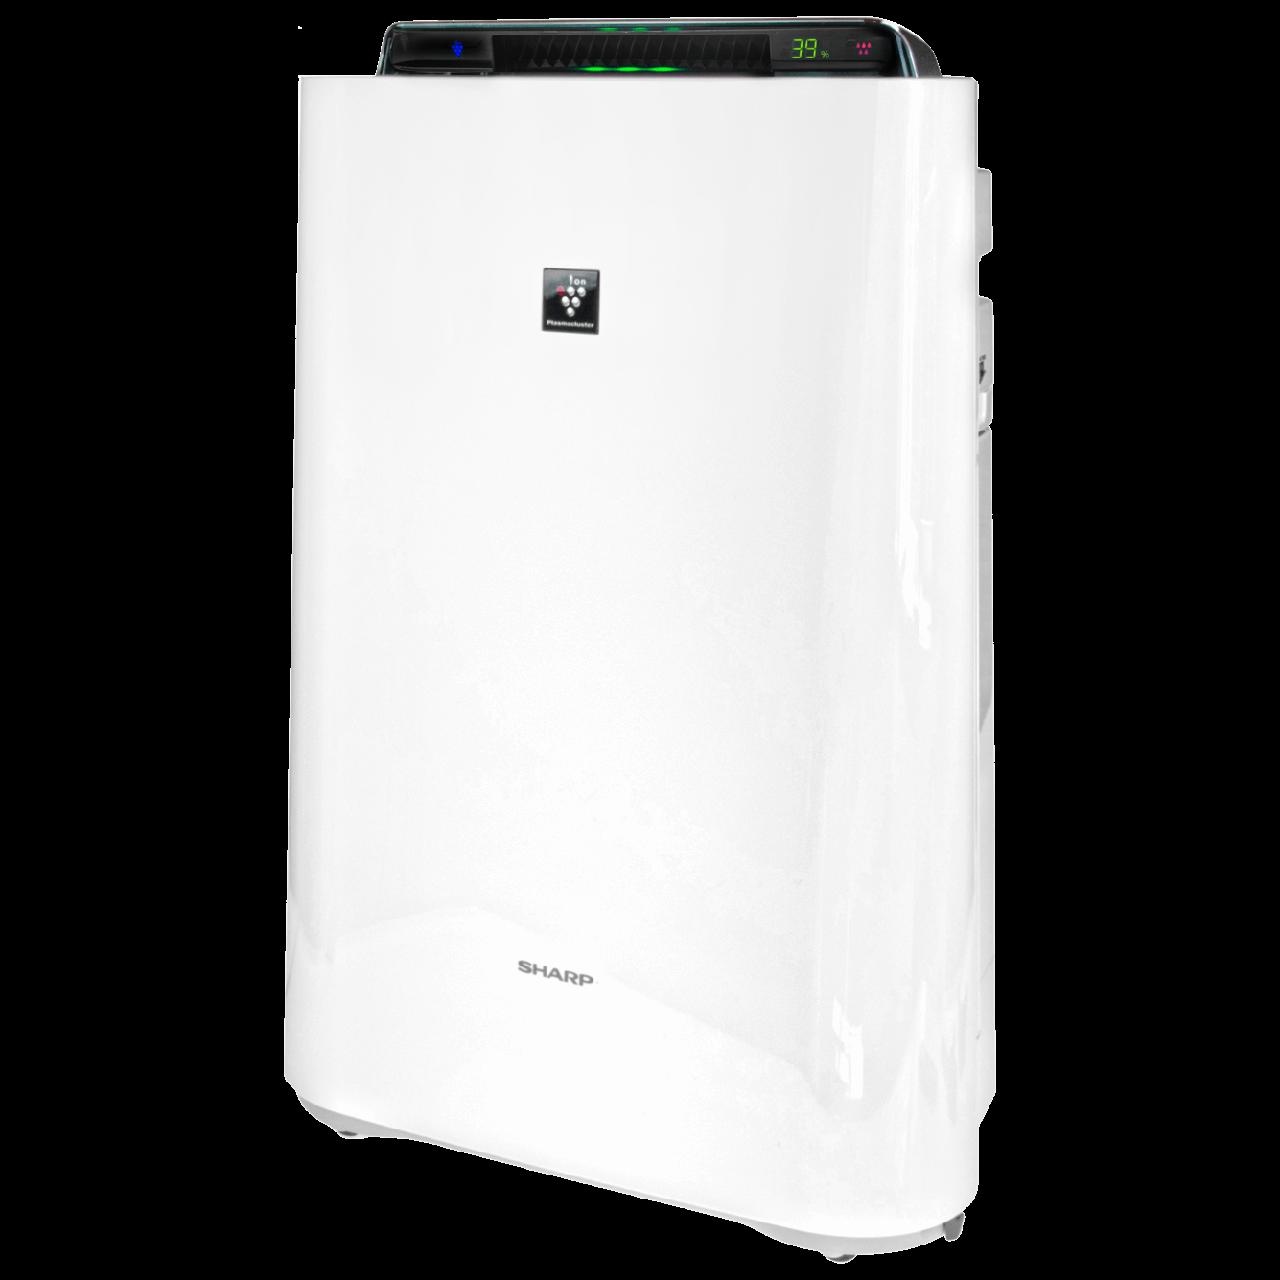 Очиститель-увлажнитель воздуха Sharp KC-D60EUW